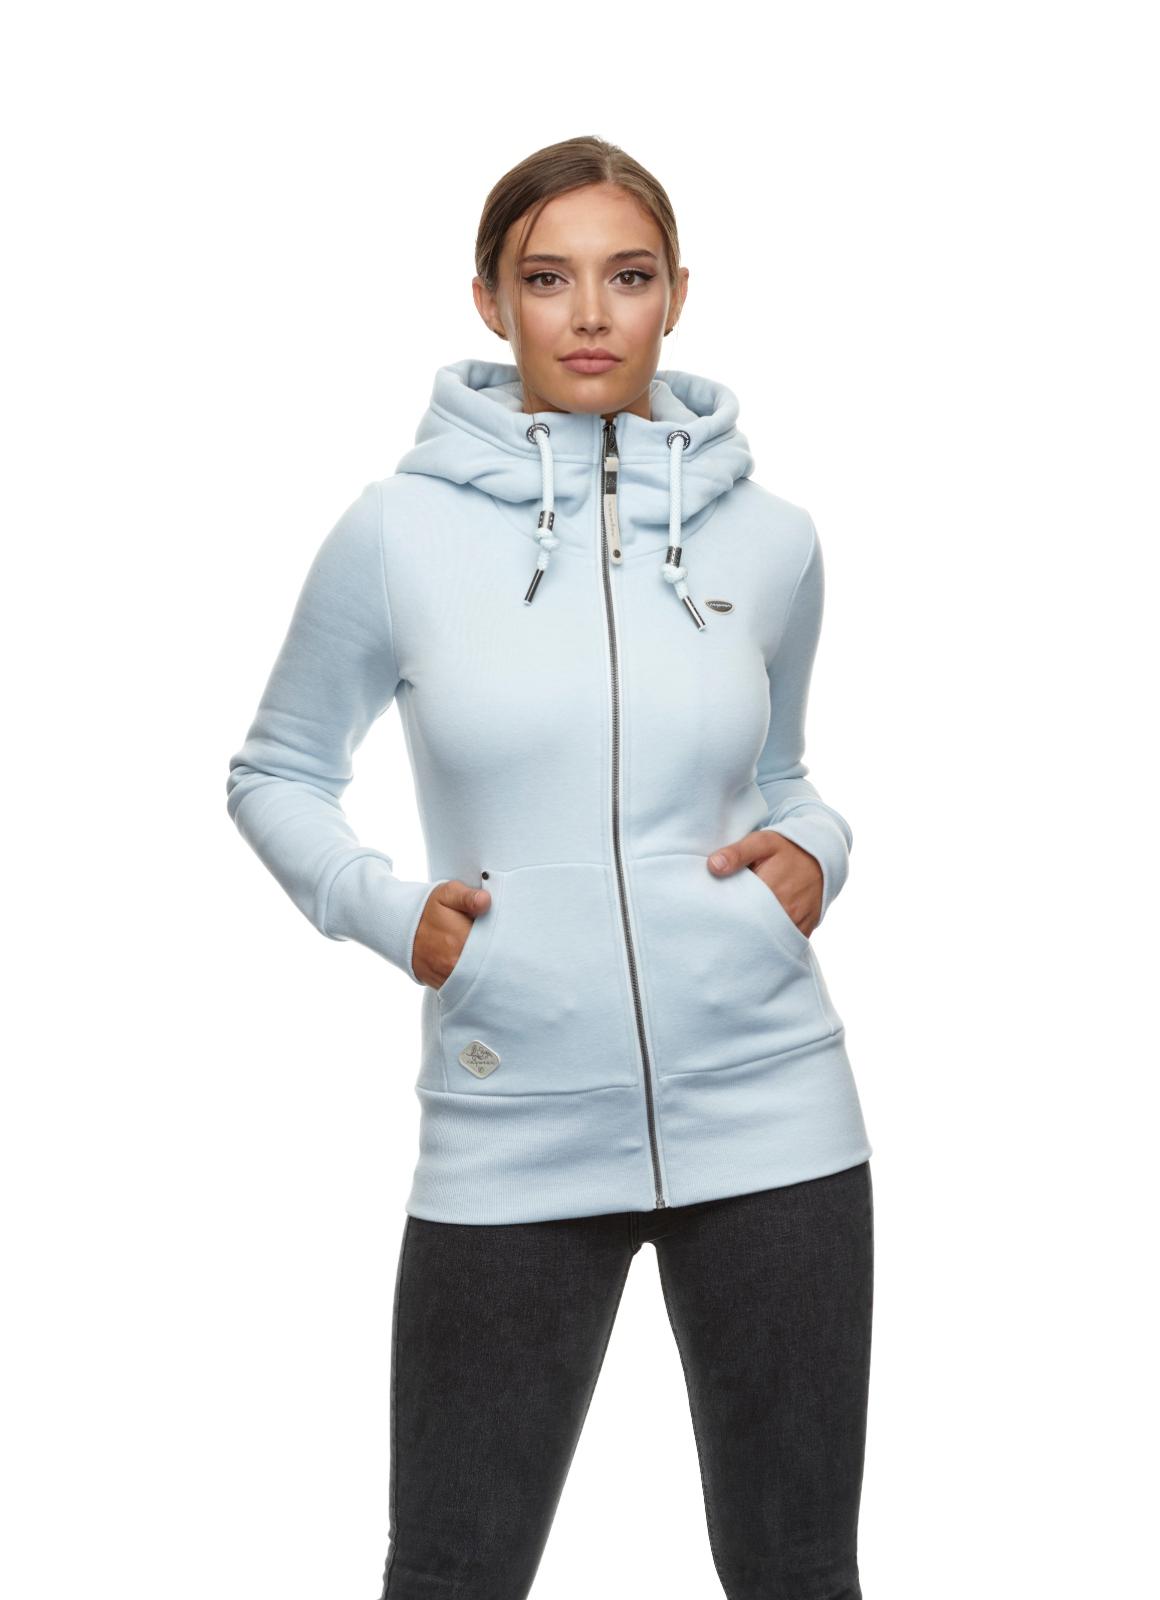 Ragwear Damen Sweat Jacke hell blau unifarben Neska Zip 2111 30036 2016 Cloud